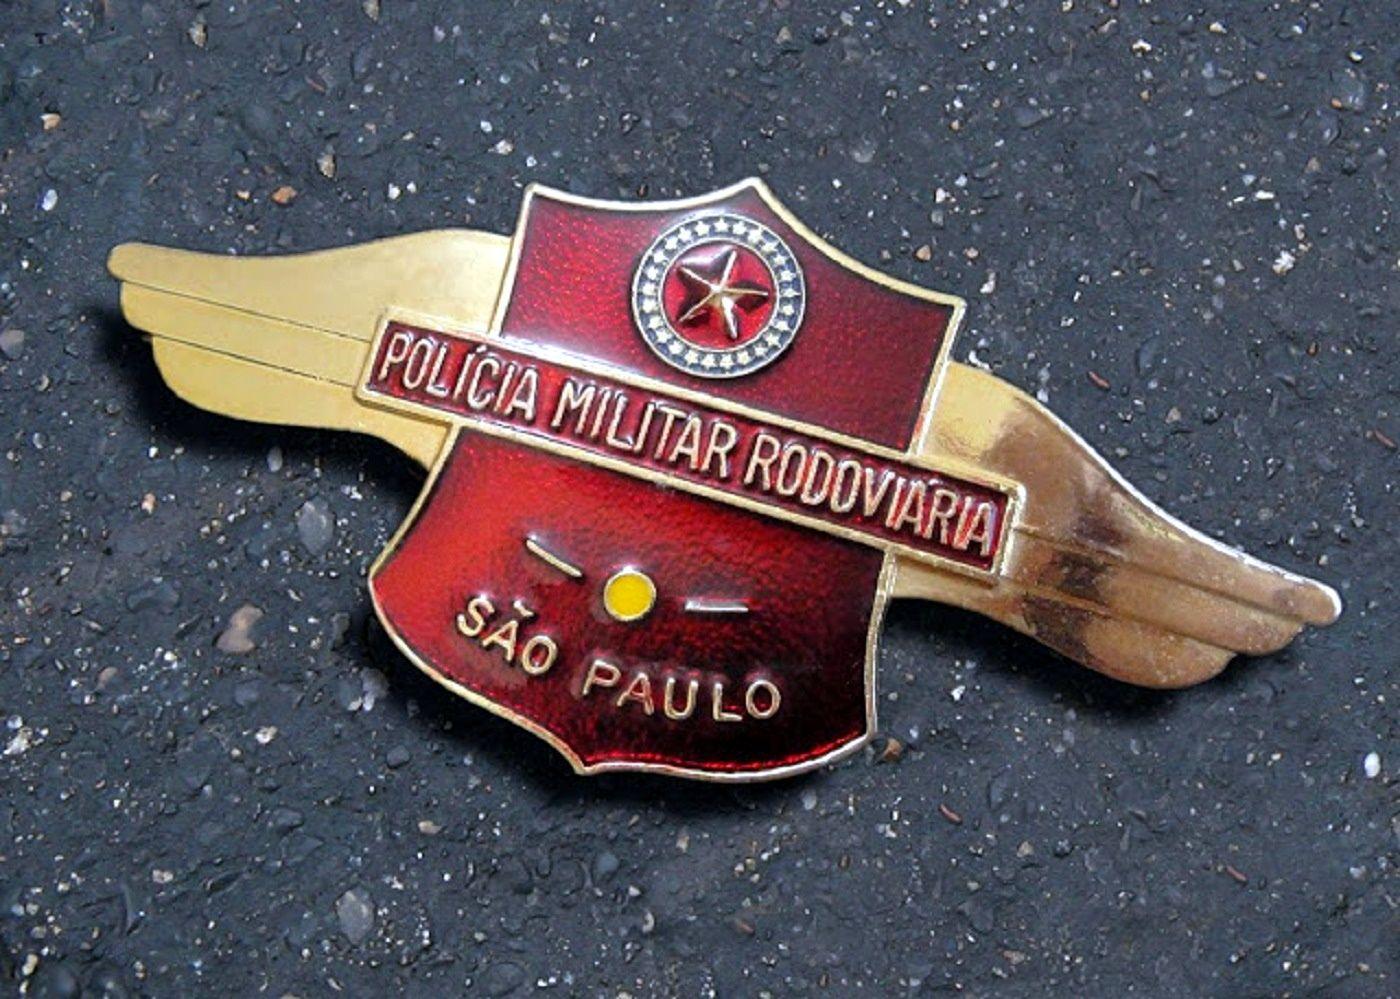 Polícia Militar Rodoviária de São Paulo. A partir de 1988 tivemos a mudança de uniformes e várias alterações nos distintivos da PMESP. http://medalhisticamilitarpaulista.blogspot.com.br/2013_07_01_archive.html